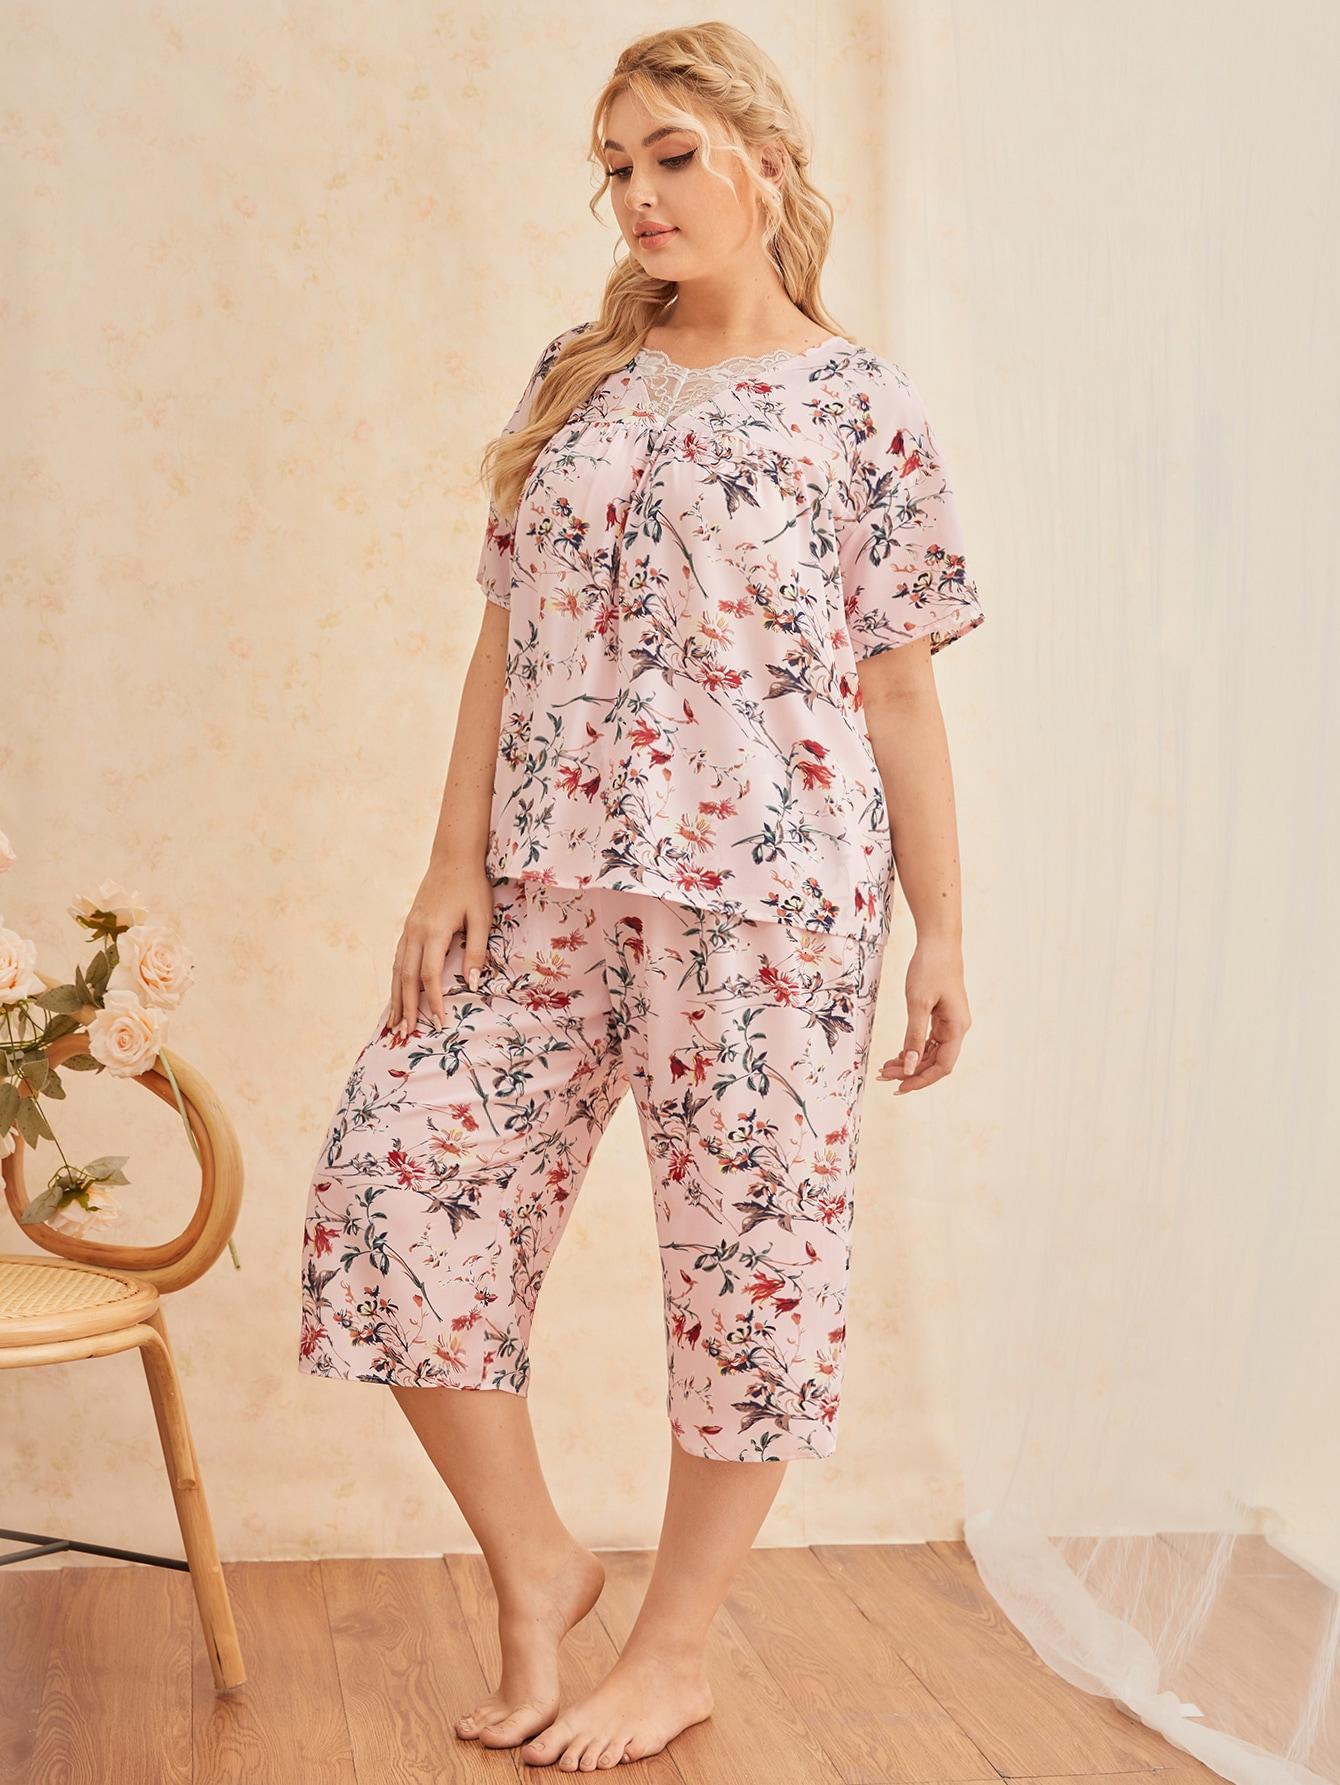 Plus Lace Insert Drop Shoulder Floral Top & Capri Pants Pj Set